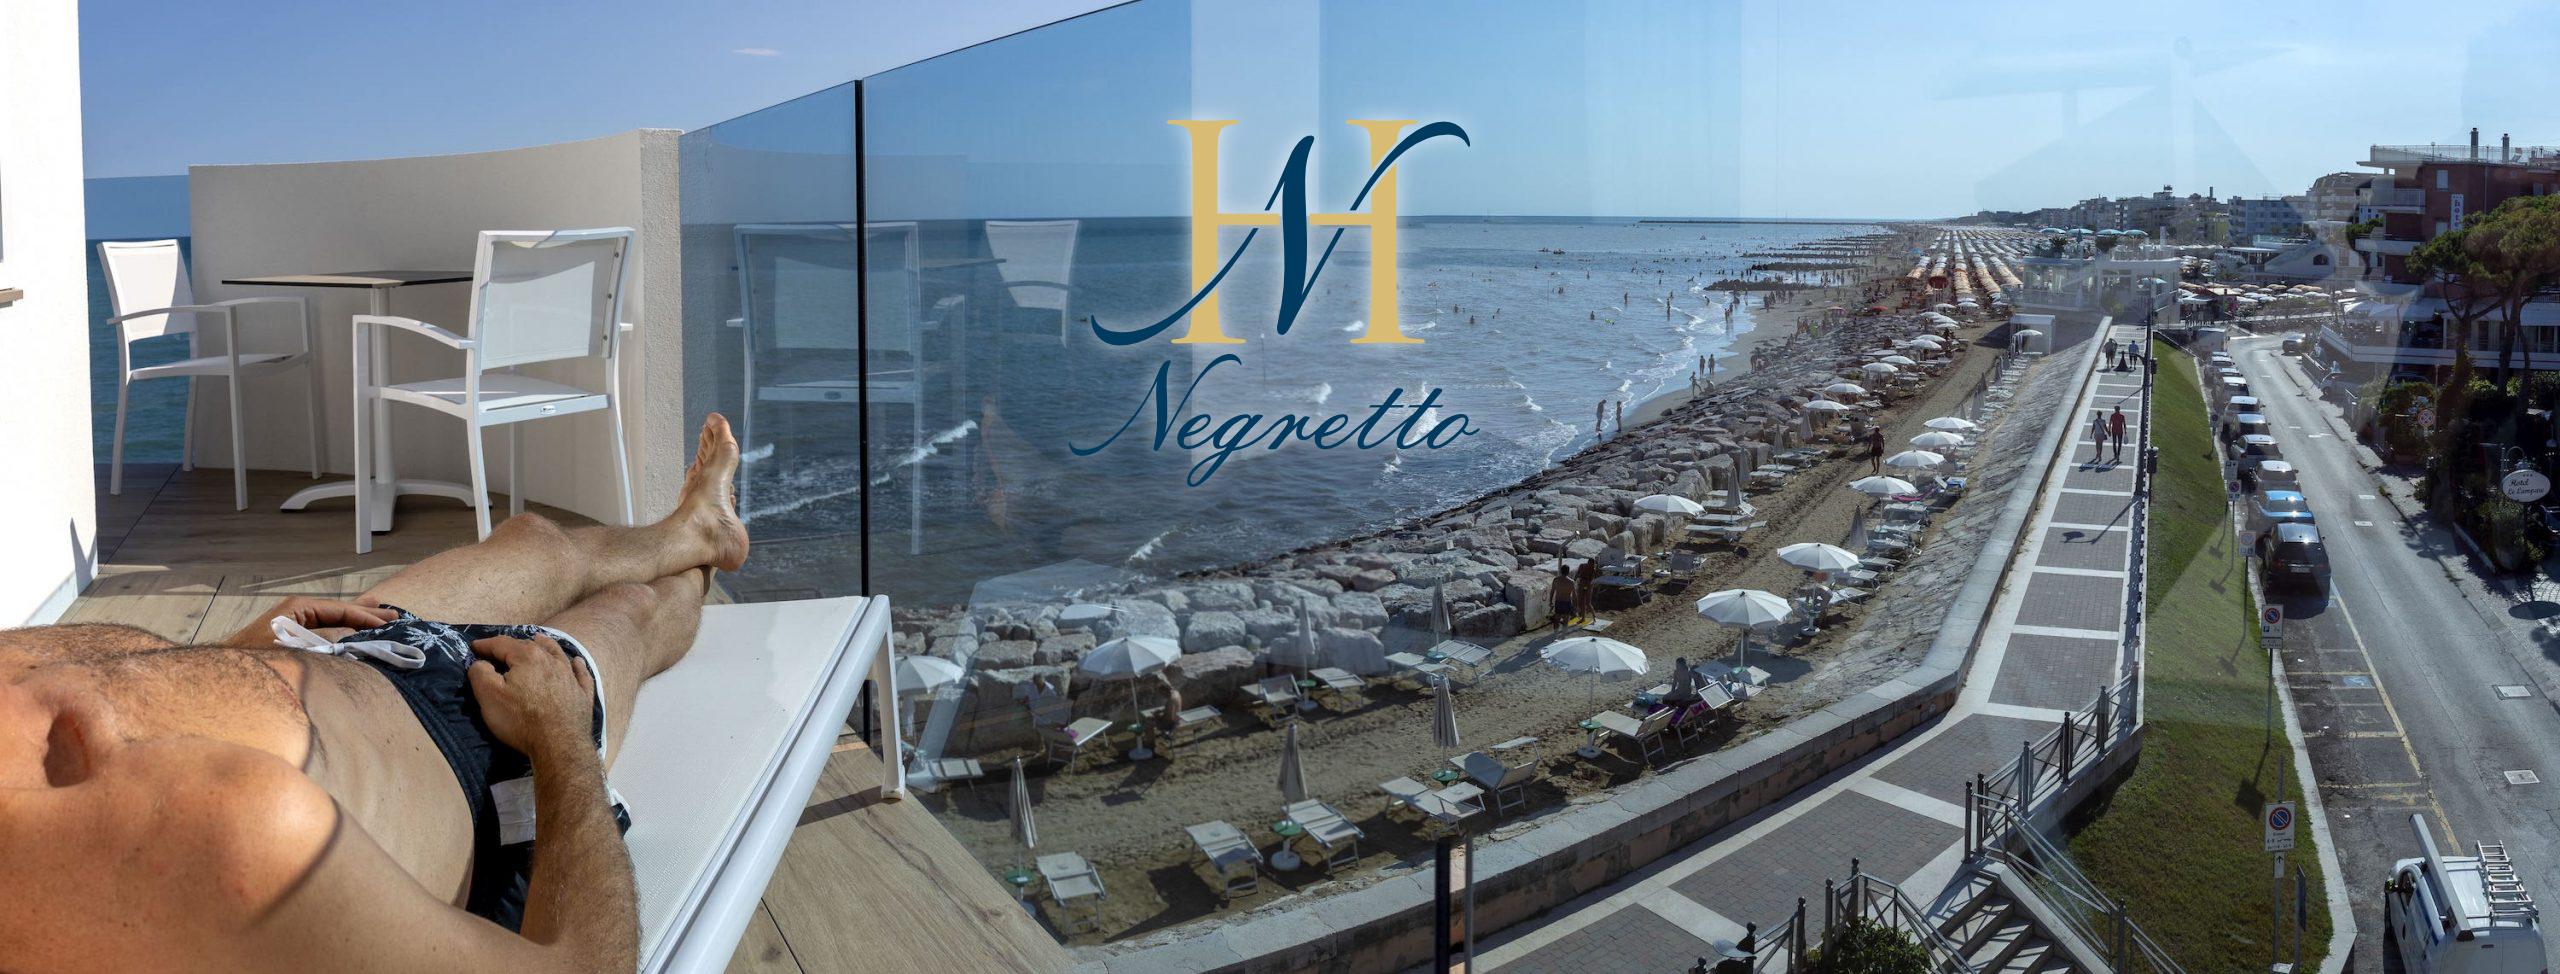 hotel caorle spiaggia ponente